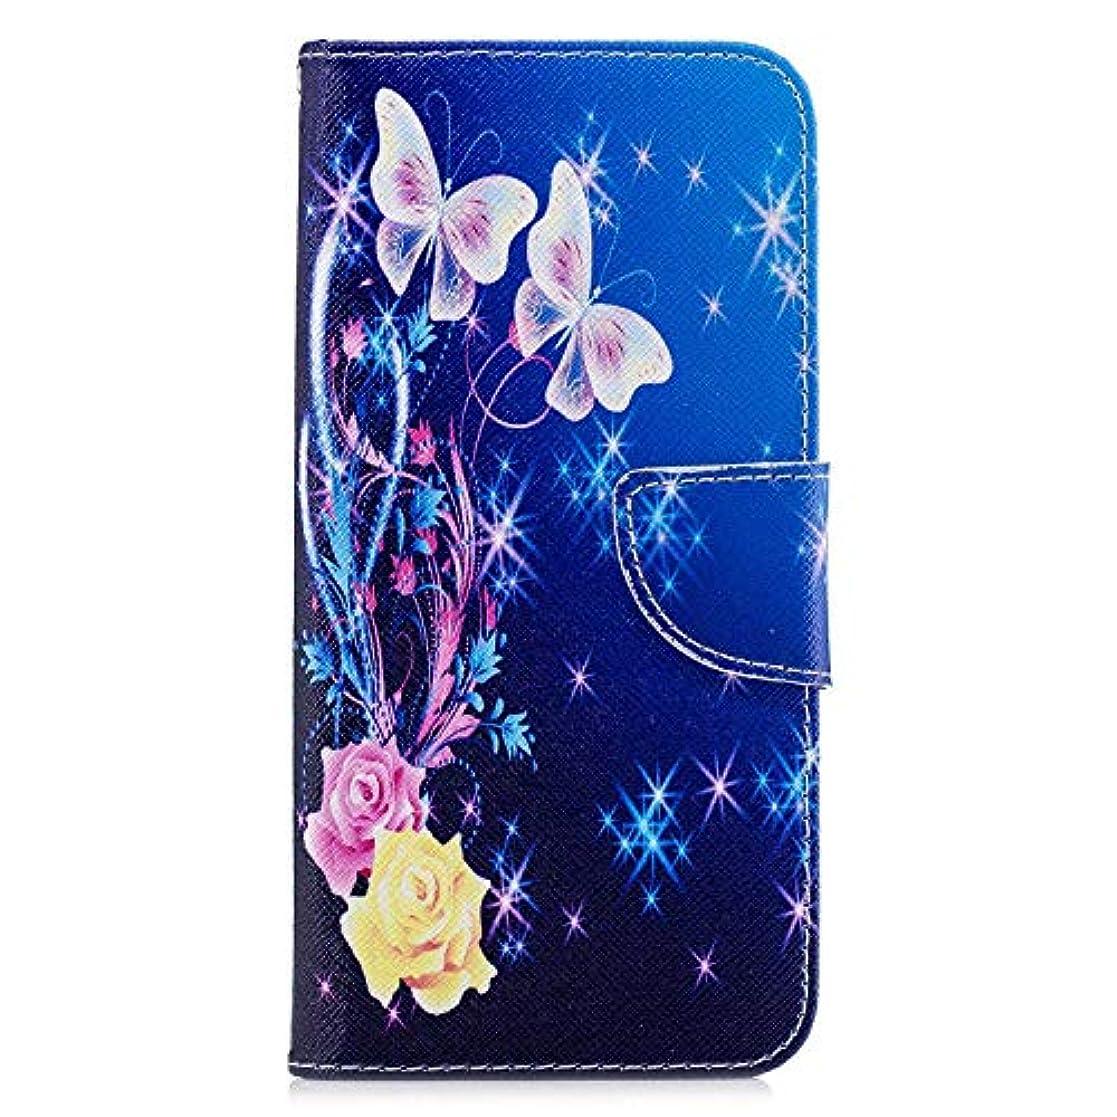 不足あいまいさ気を散らすOMATENTI Huawei Honor 8C ケース, ファッション人気 PUレザー 手帳 軽量 電話ケース 耐衝撃性 落下防止 薄型 スマホケースザー 付きスタンド機能, マグネット開閉式 そしてカード収納 Huawei...